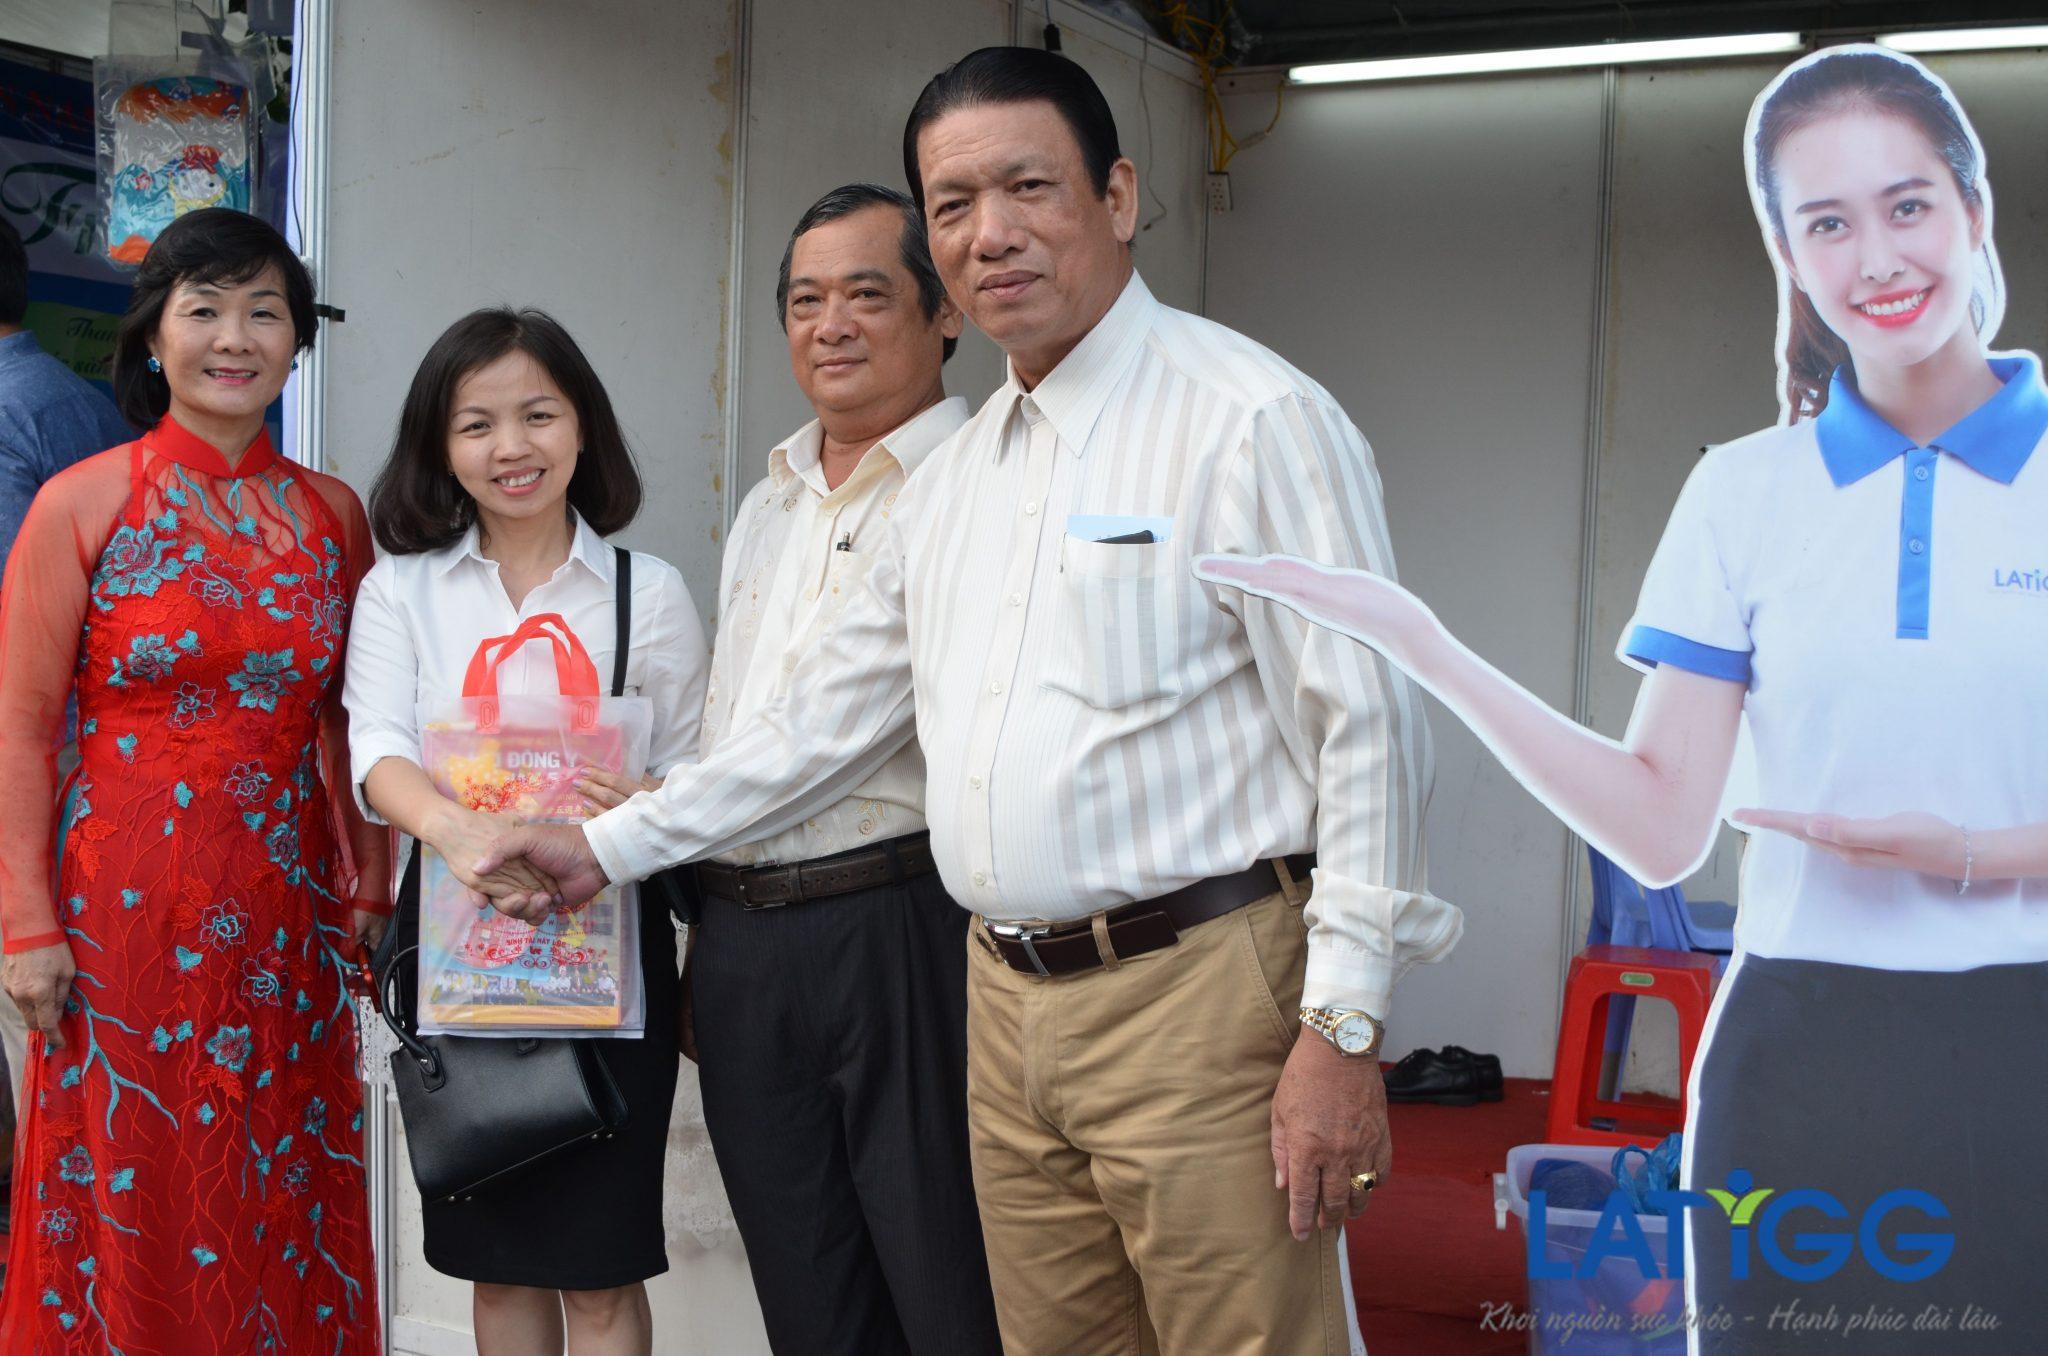 Công ty CP LATIGG tham gia TUẦN LỄ ĐÔNG Y lần thứ 3 tại TP.HCM